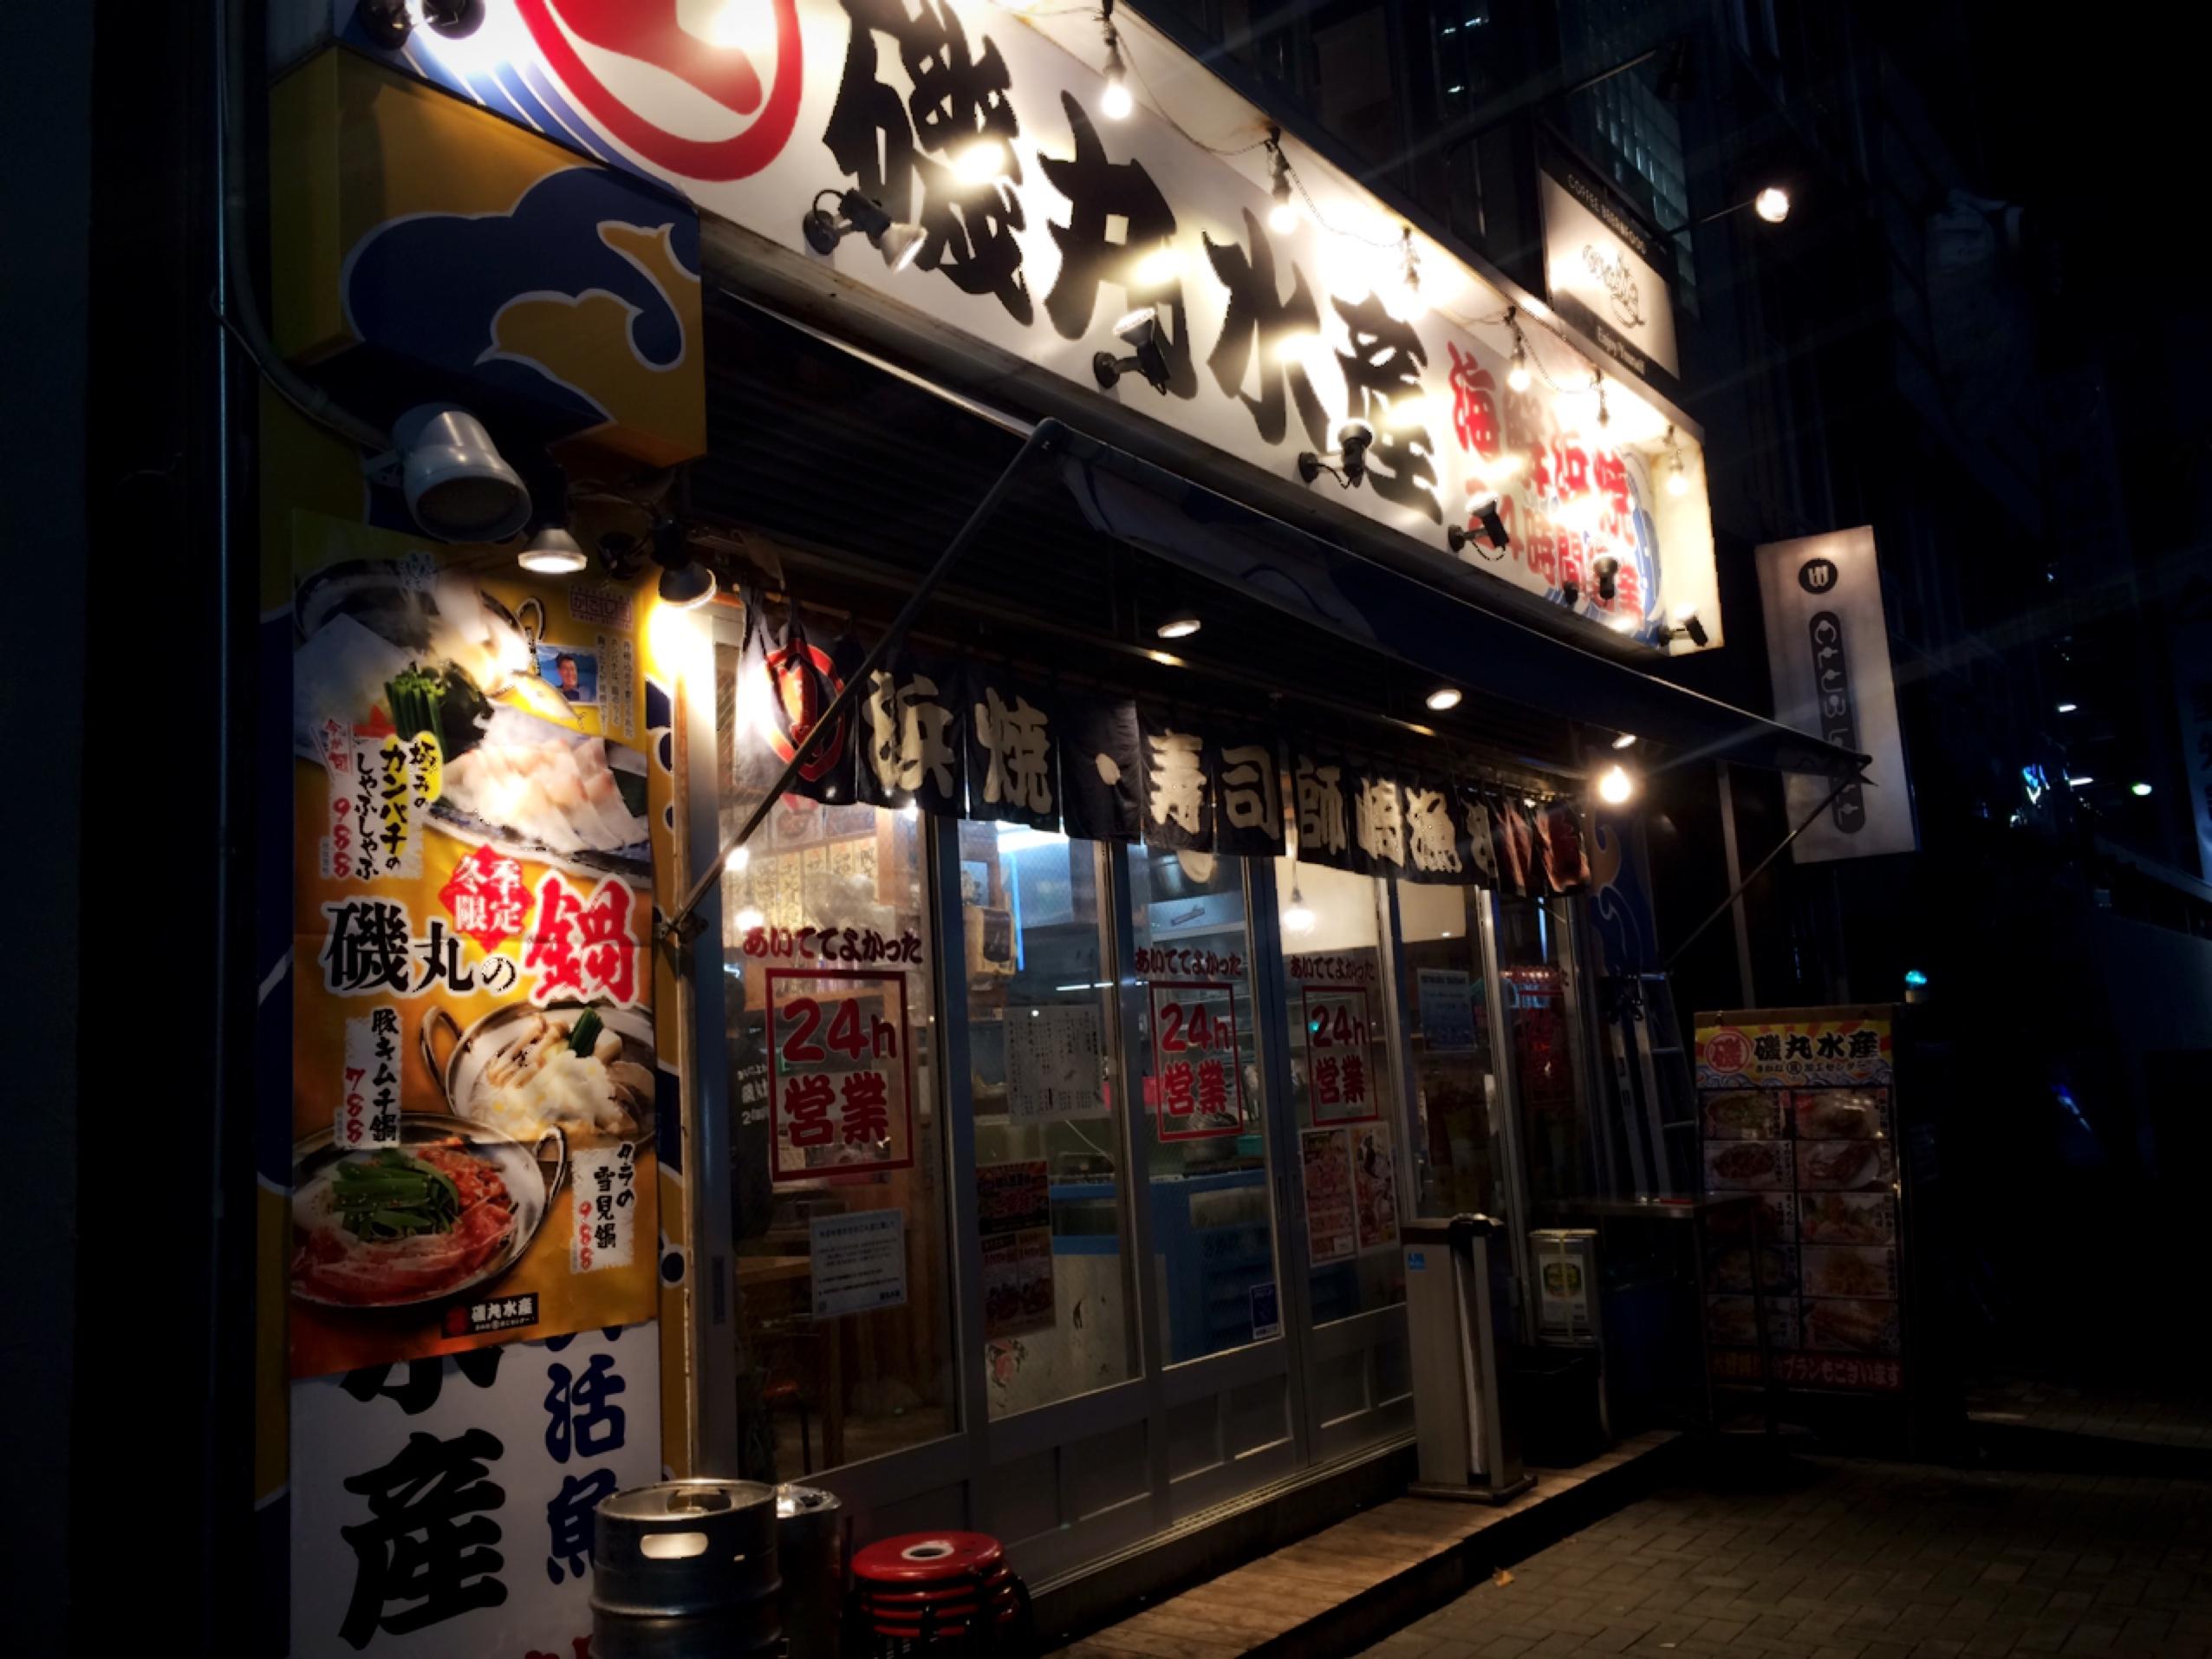 【栄駅徒歩3分】海鮮好き必見!都会のど真ん中で海の幸を堪能